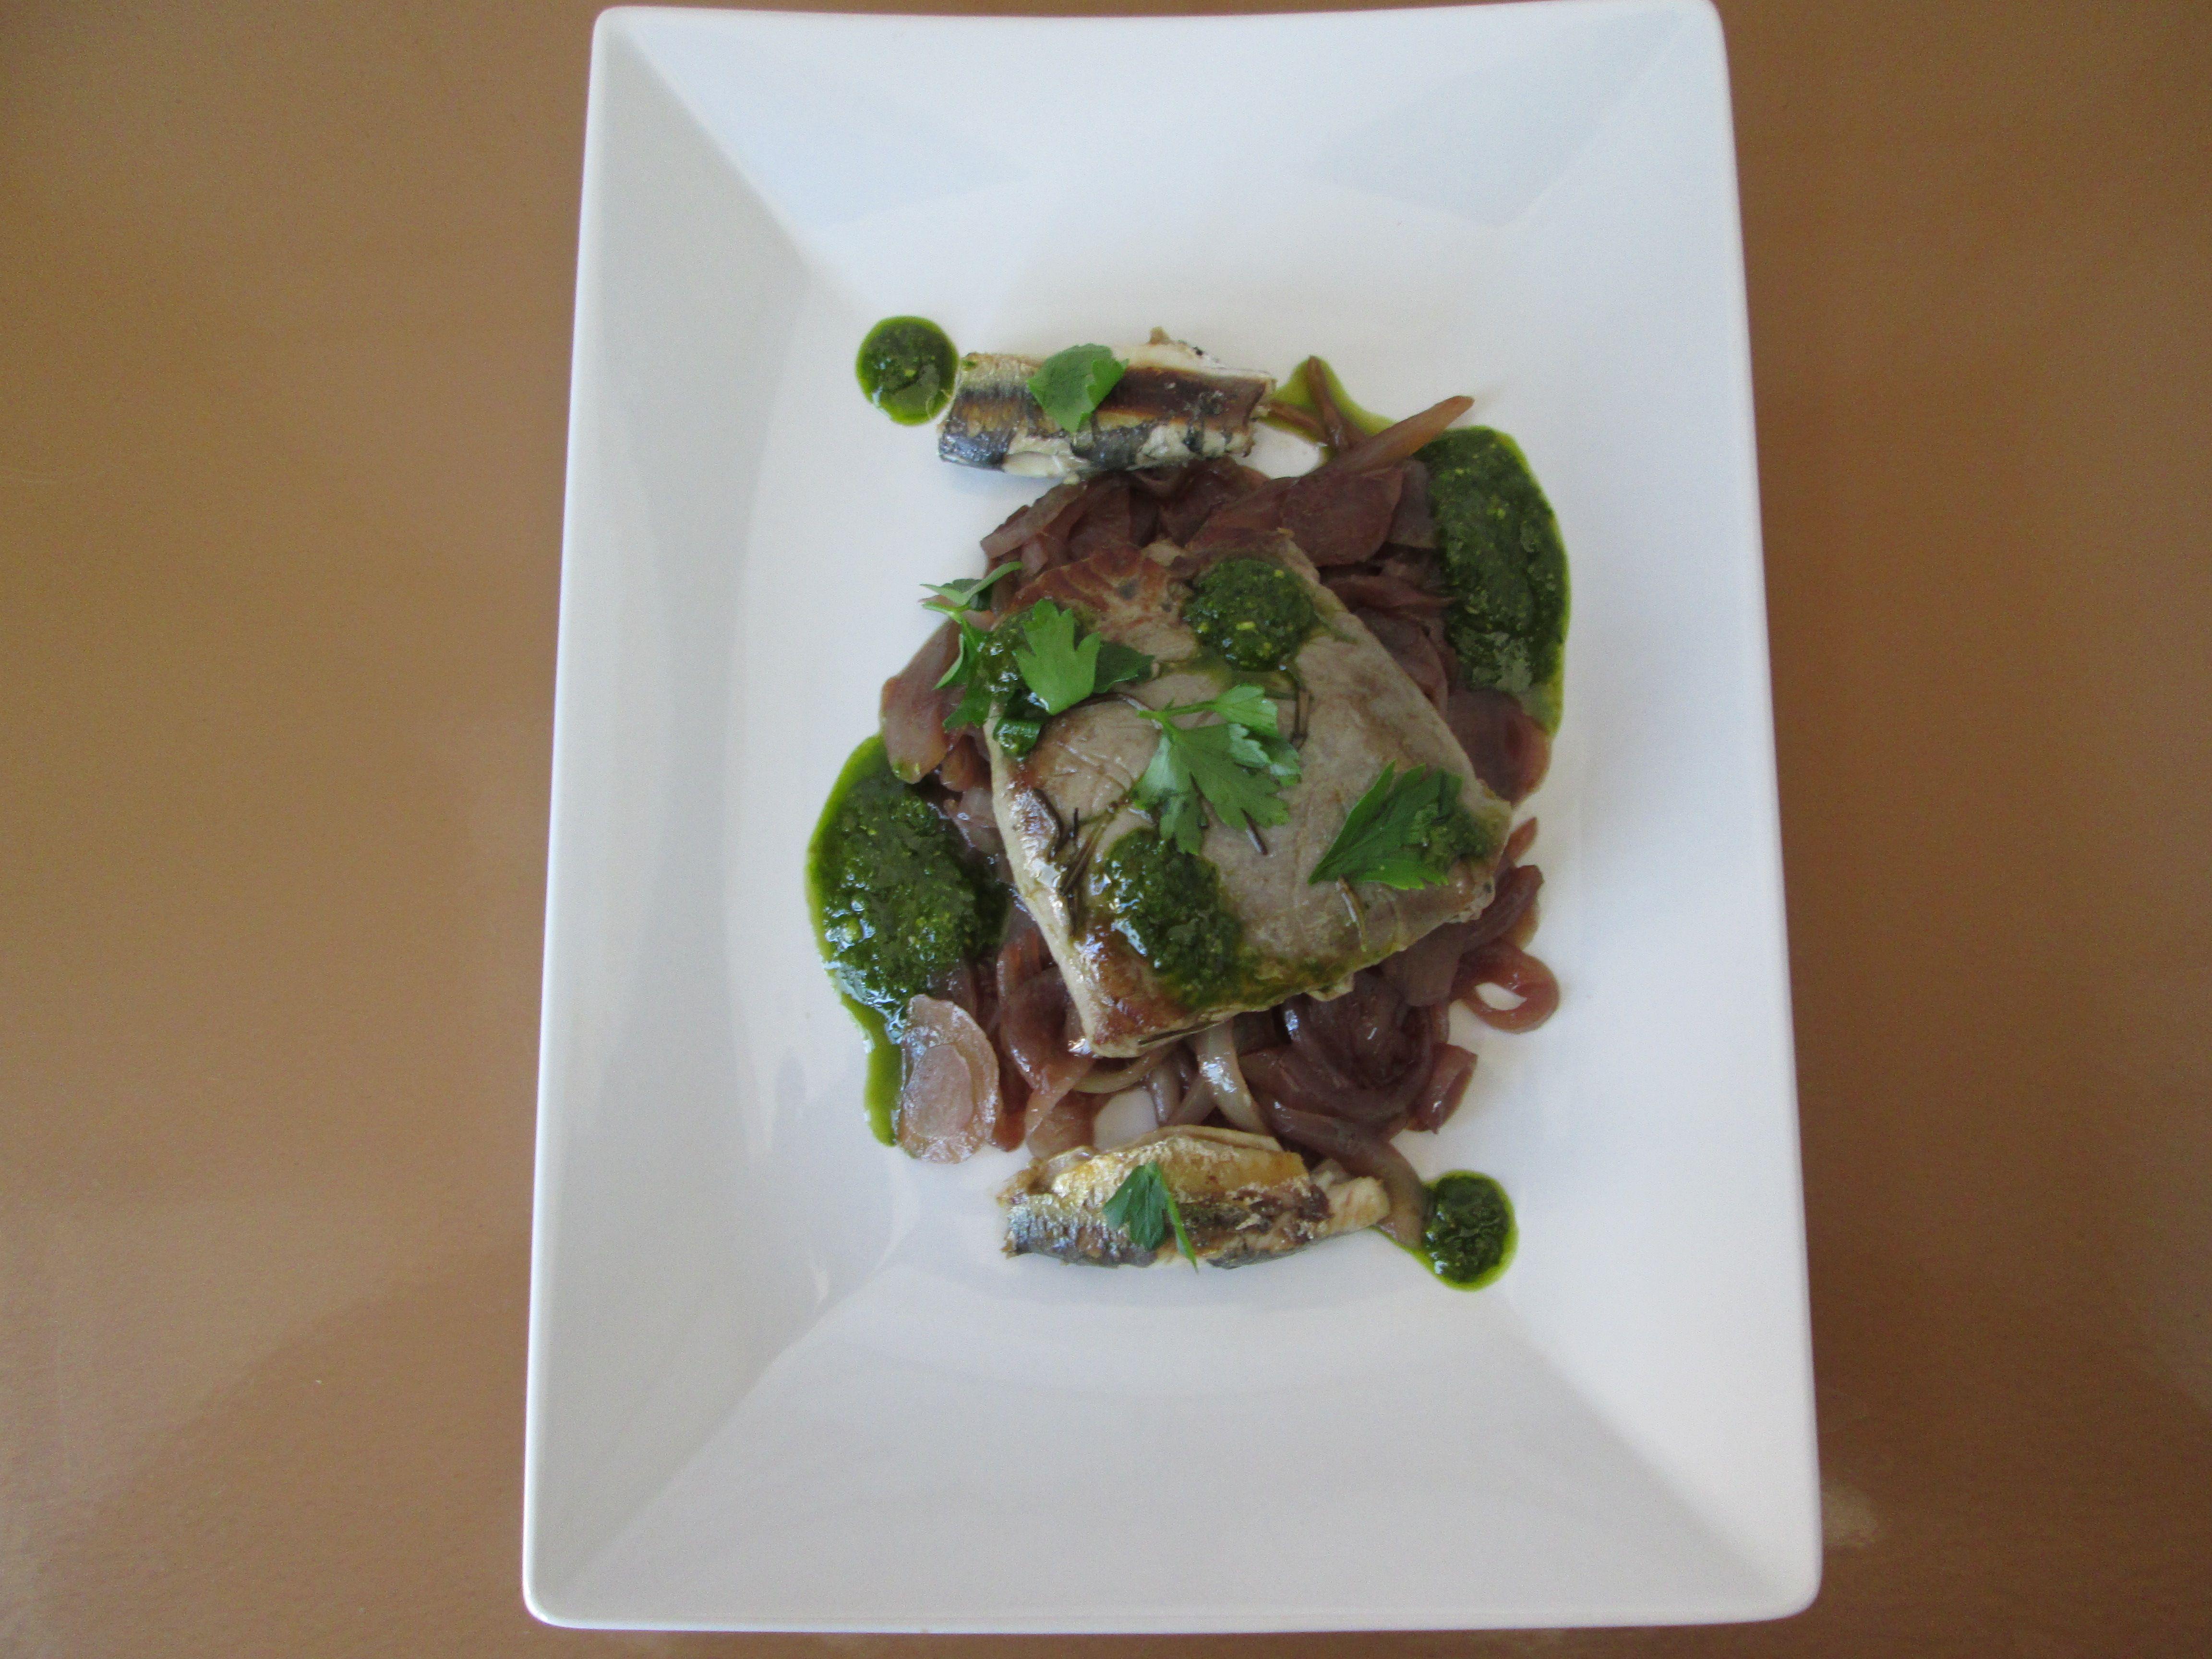 Tonno e  cipolla  all'aceto  di vino rosso  sardine e pesto  al basilico   genovese/   Gino D'Aquino